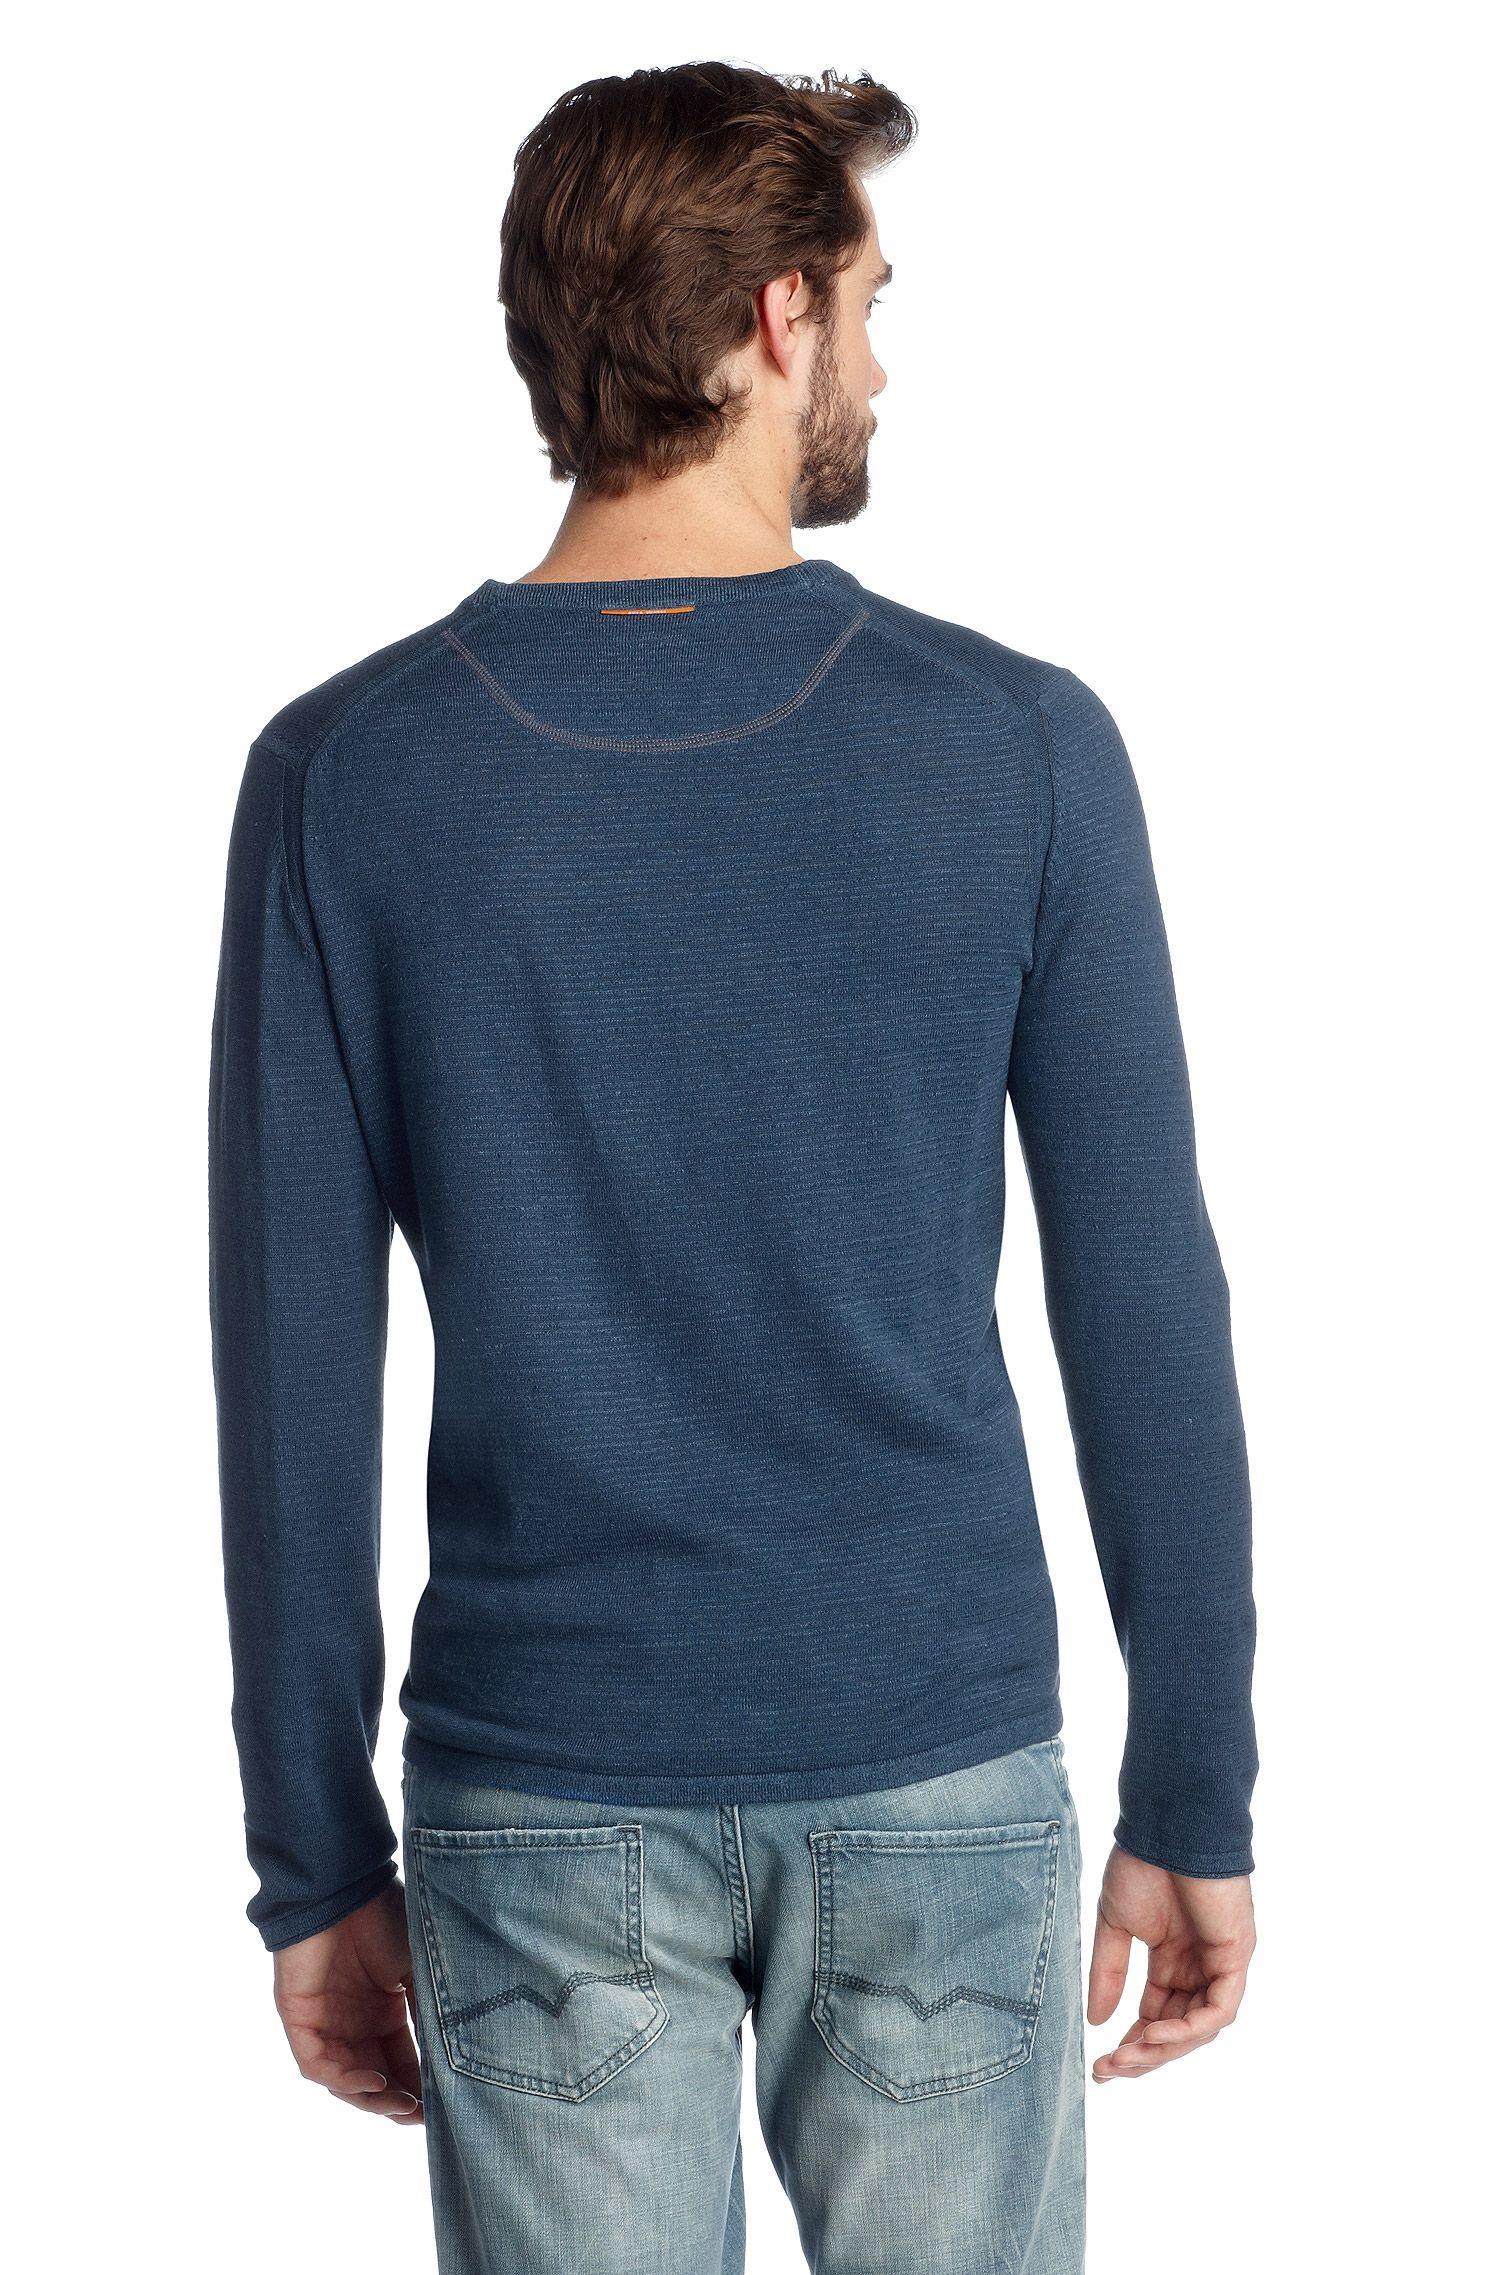 Strickpullover ´Kimon` mit Streifen-Muster